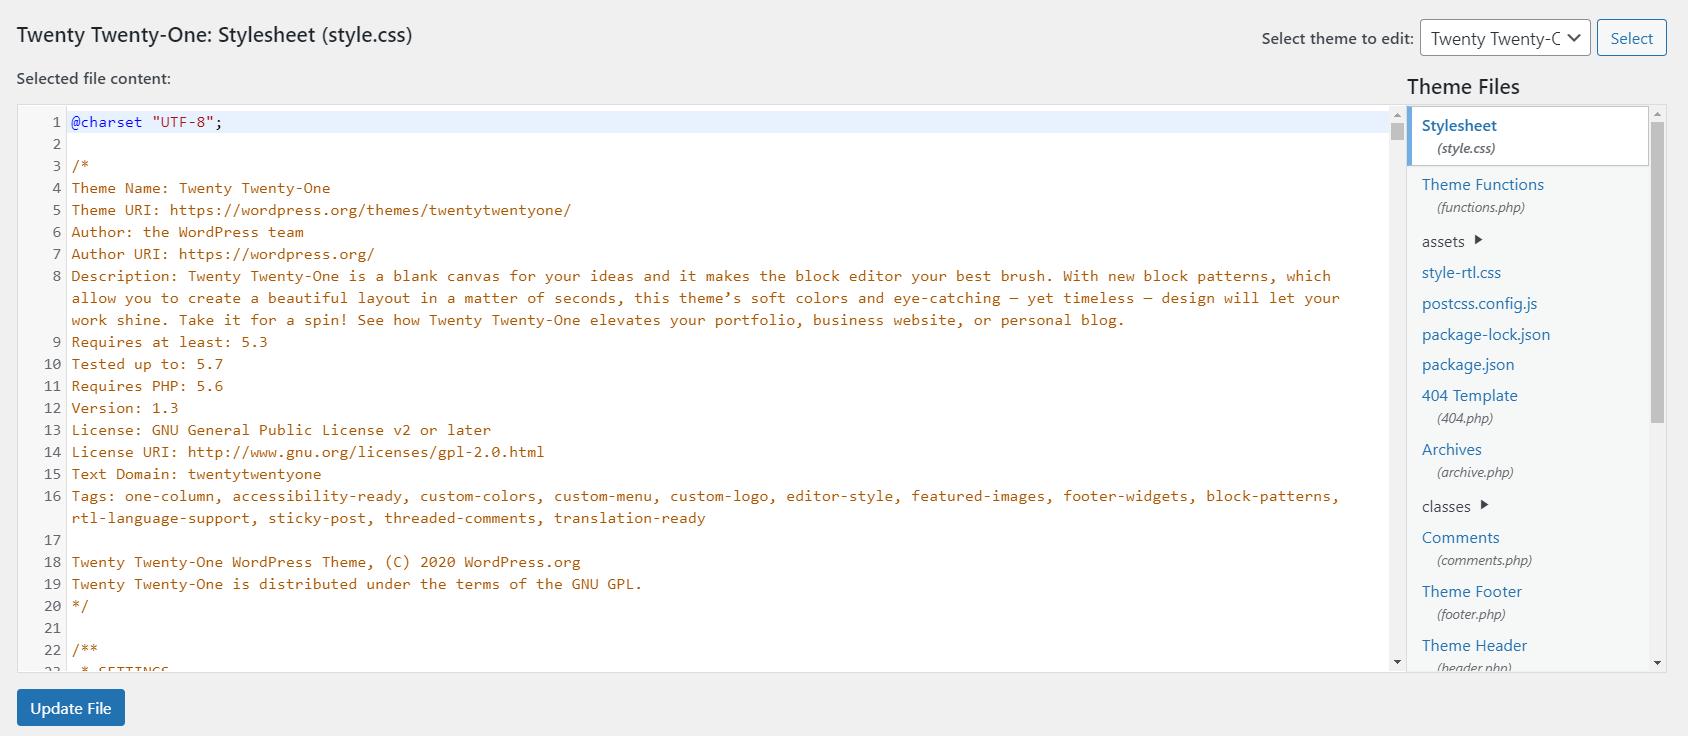 La página del Editor de temas para un tema predeterminado de WordPress.  Hay varias líneas de código de color específico.